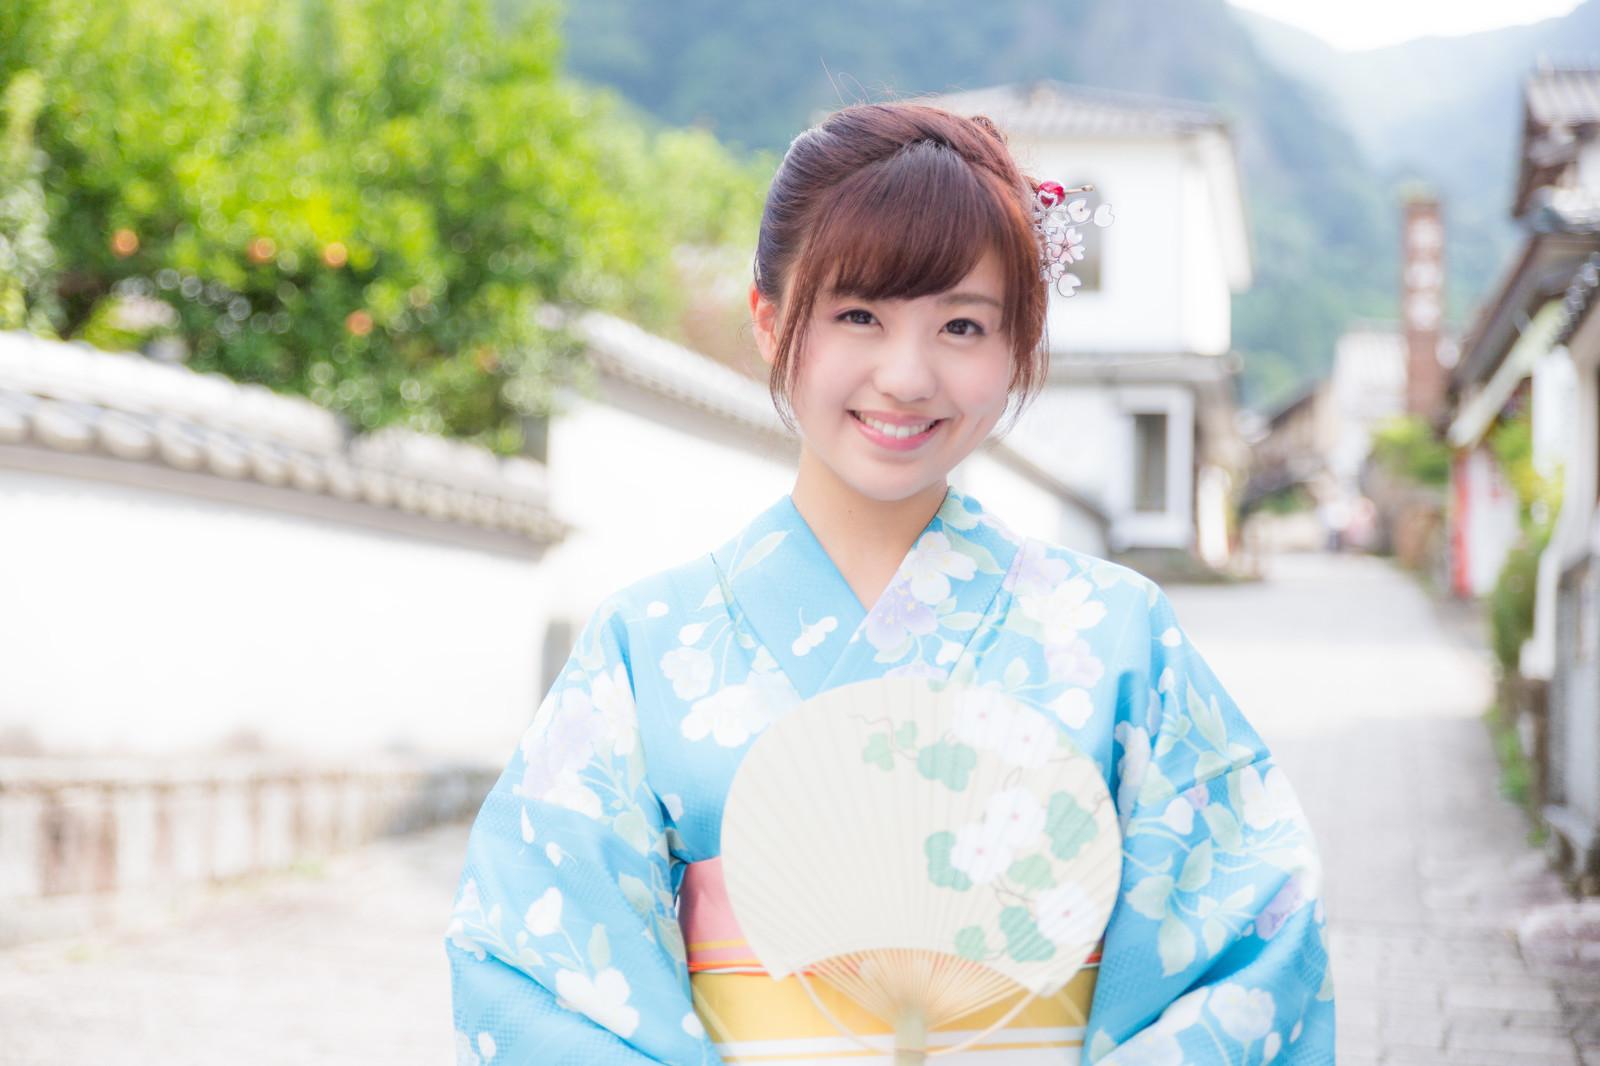 8月23日(2-2) 日本のことを1分間英語で話してみる